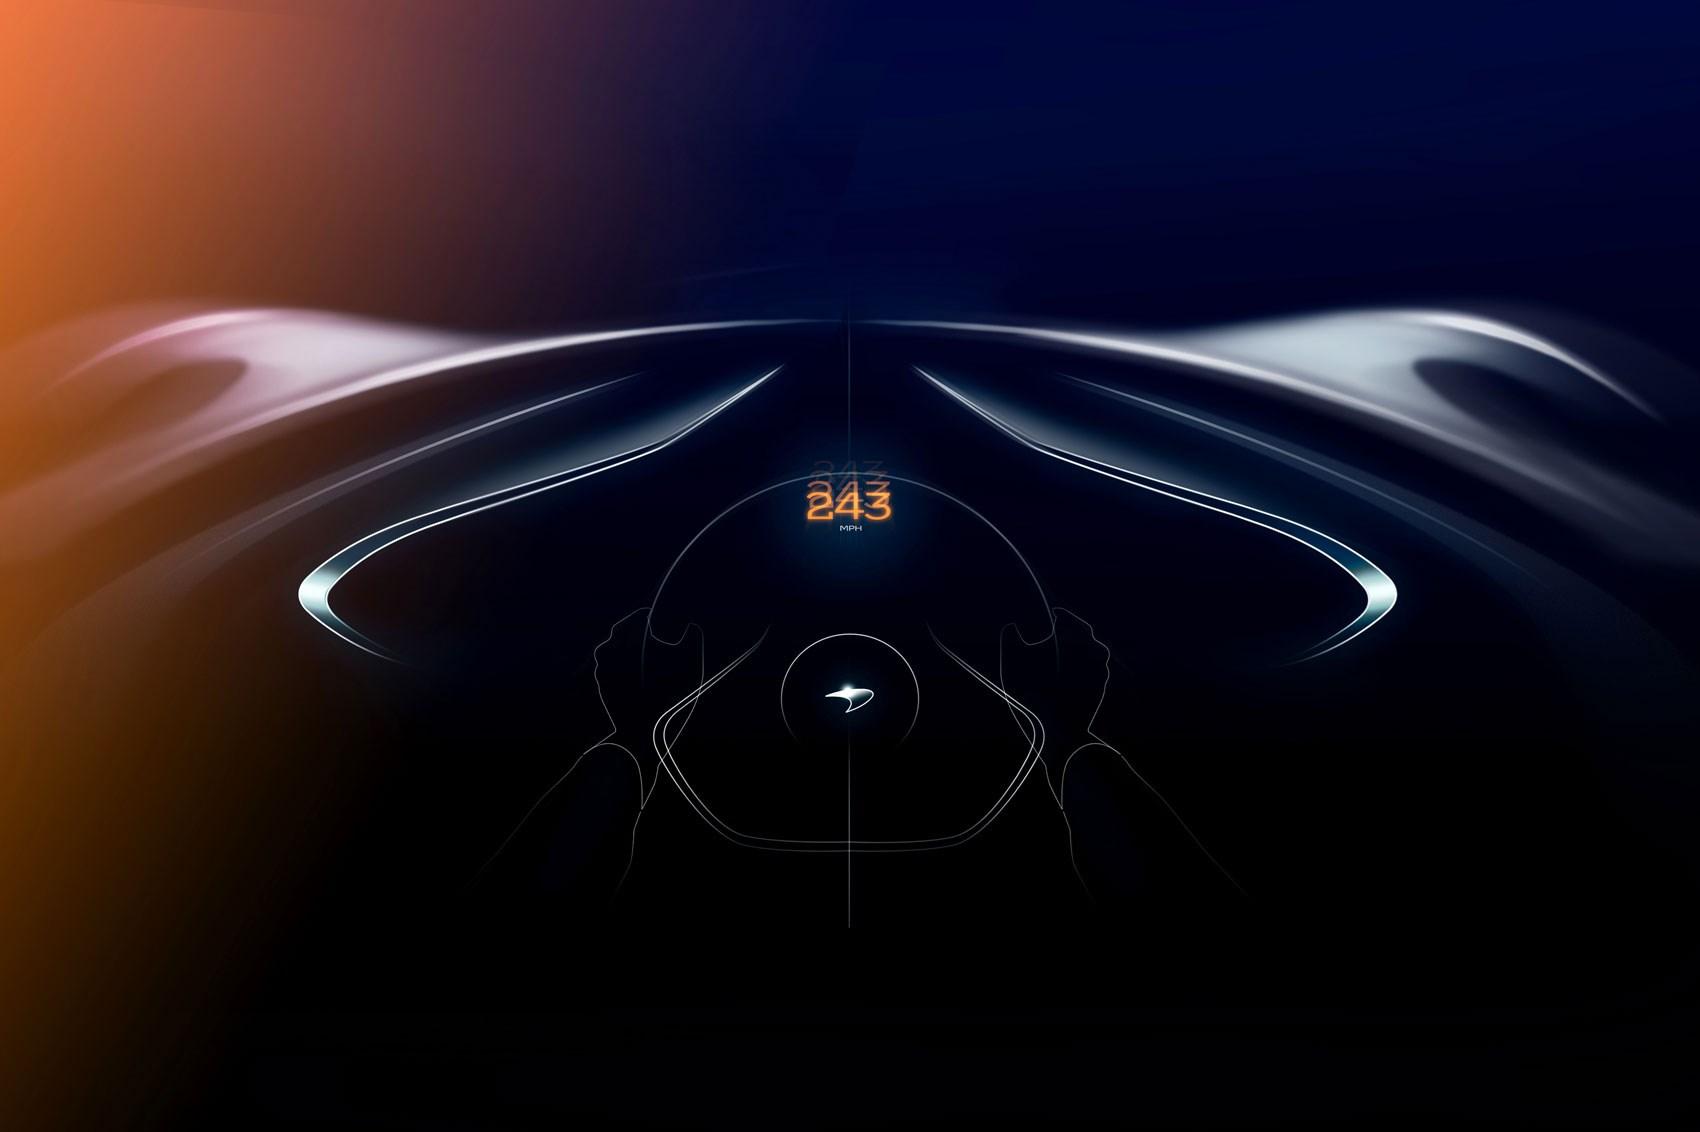 Sieu-xe-Speedtail-noi-tiep-huyen-thoai-McLaren-F1-BP23-anh-5